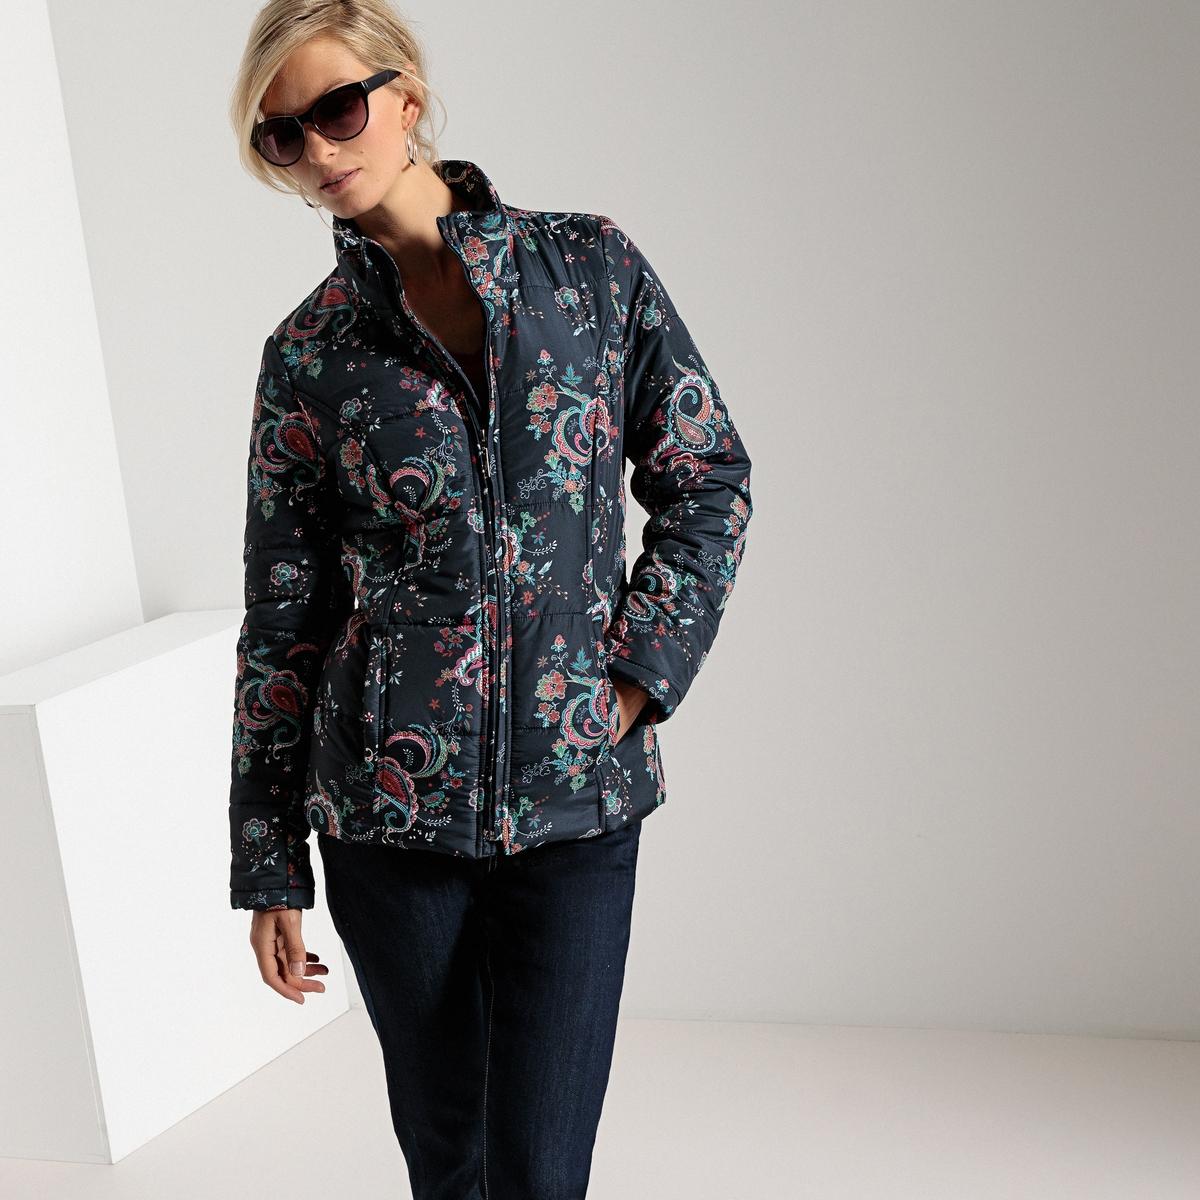 Куртка стеганая короткая с принтом и обработкой Тефлон® куртка стеганая короткая с леопардовым принтом